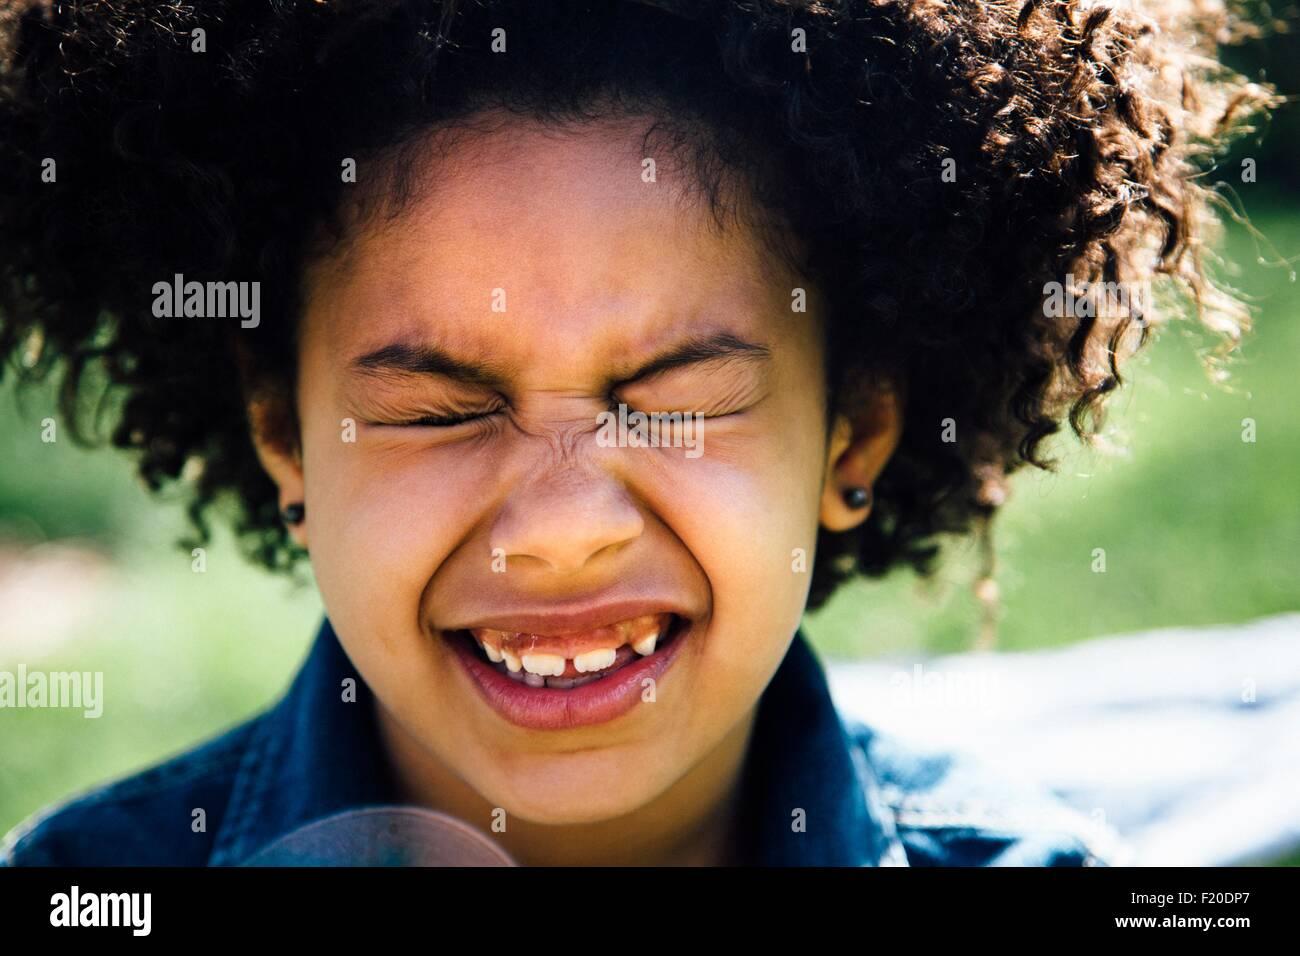 Close Up retrato de chica con los ojos cerrados tirando rostro Imagen De Stock